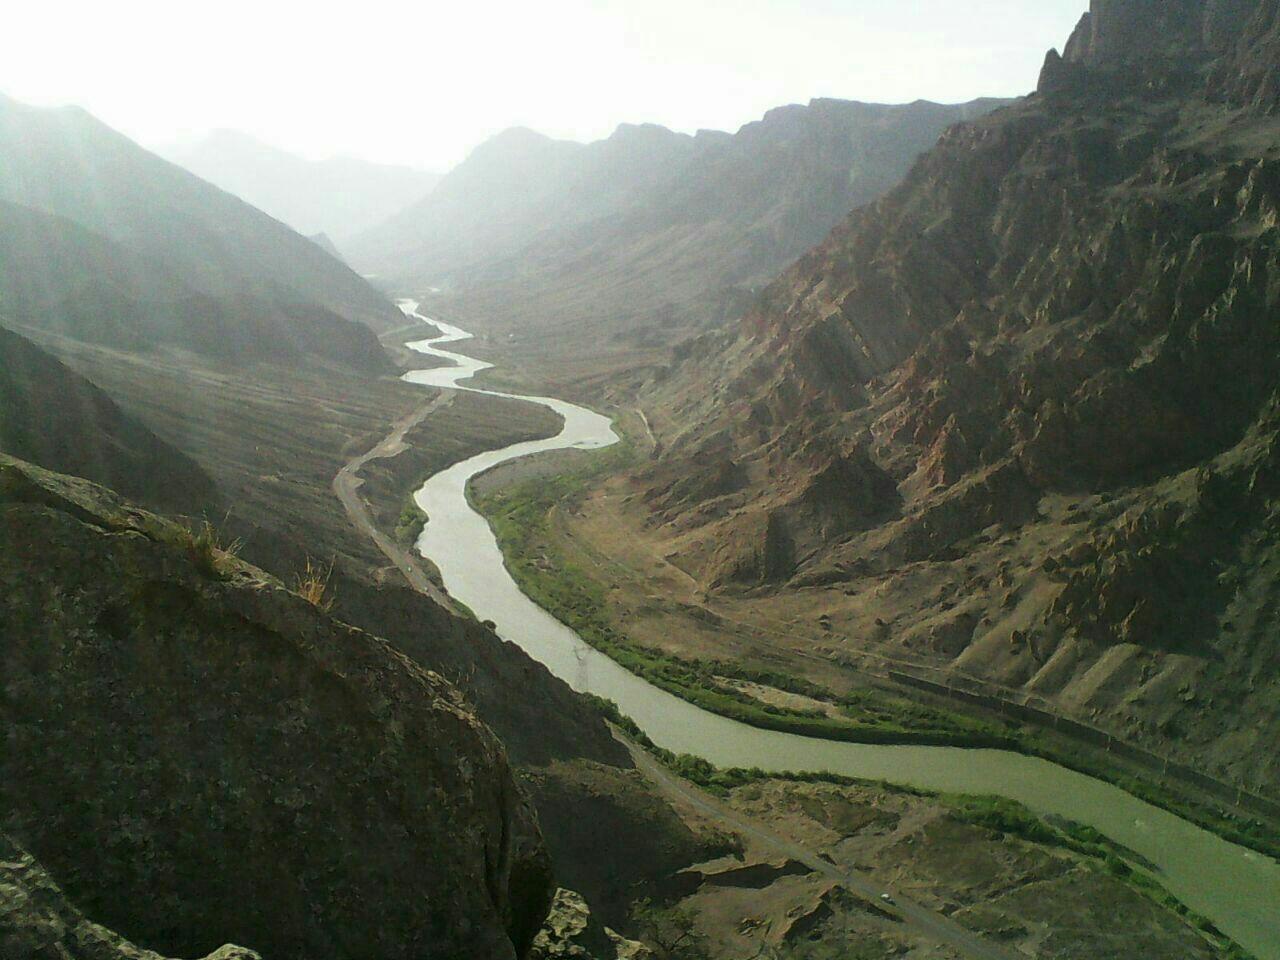 رود ارس، جلفا ، ، گردشگری و دیدنی آذربایجان شرقی